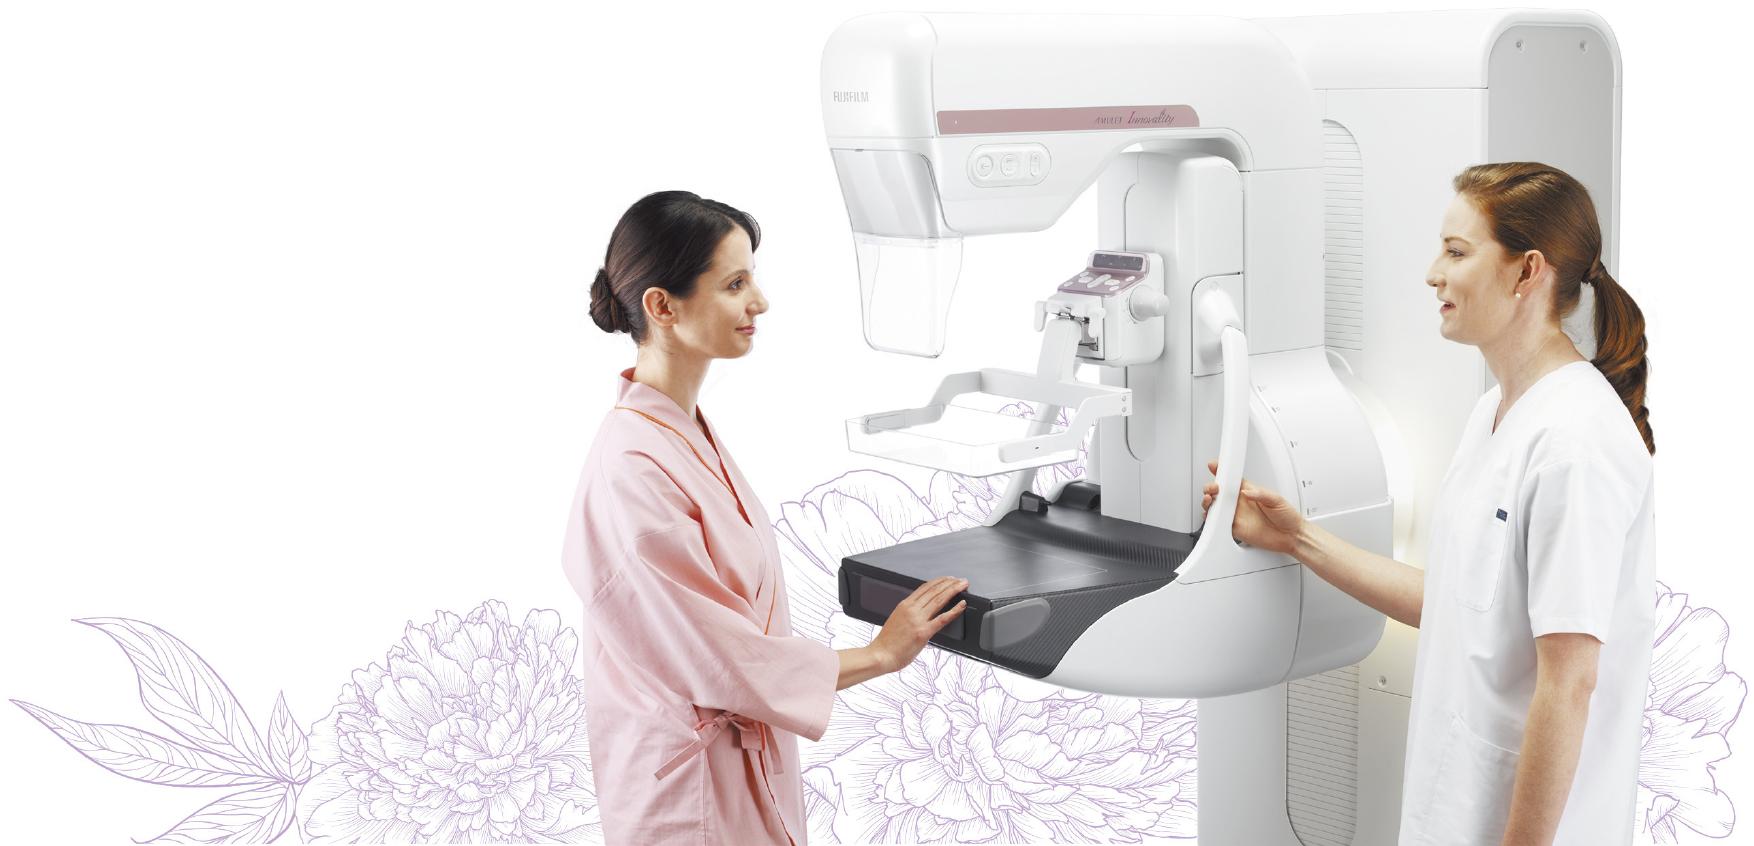 [foto] Um paciente e um médico durante o uso do Amulet Harmony